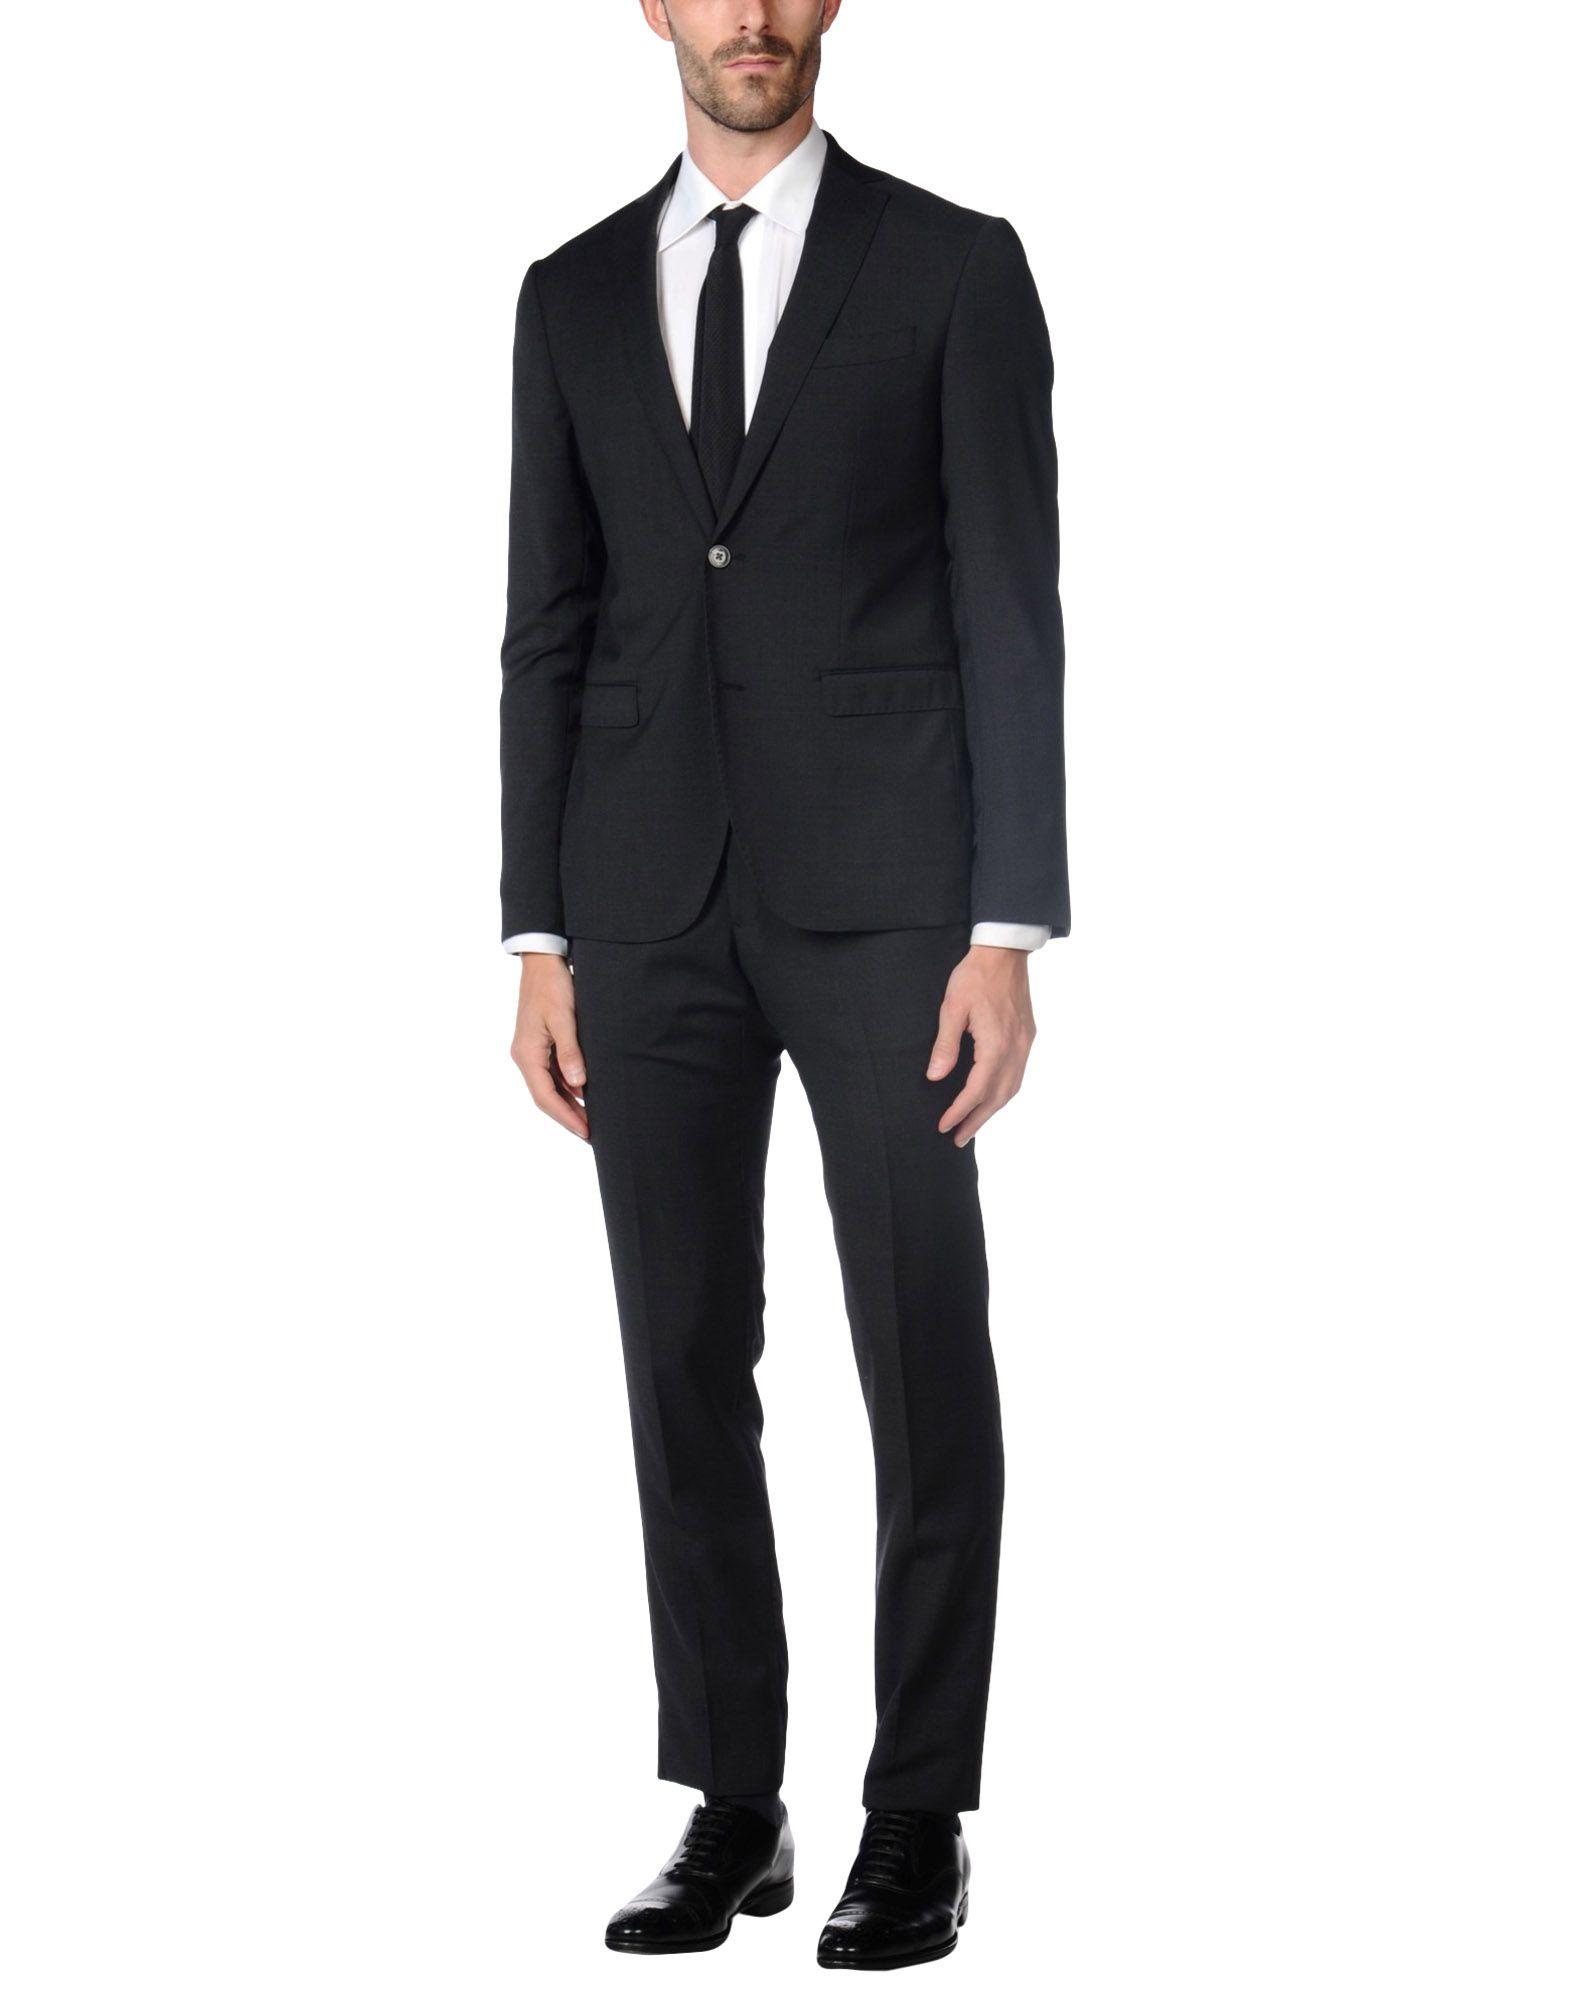 DOMENICO TAGLIENTE Herren Anzug Farbe Granitgrau Größe 5 jetztbilligerkaufen